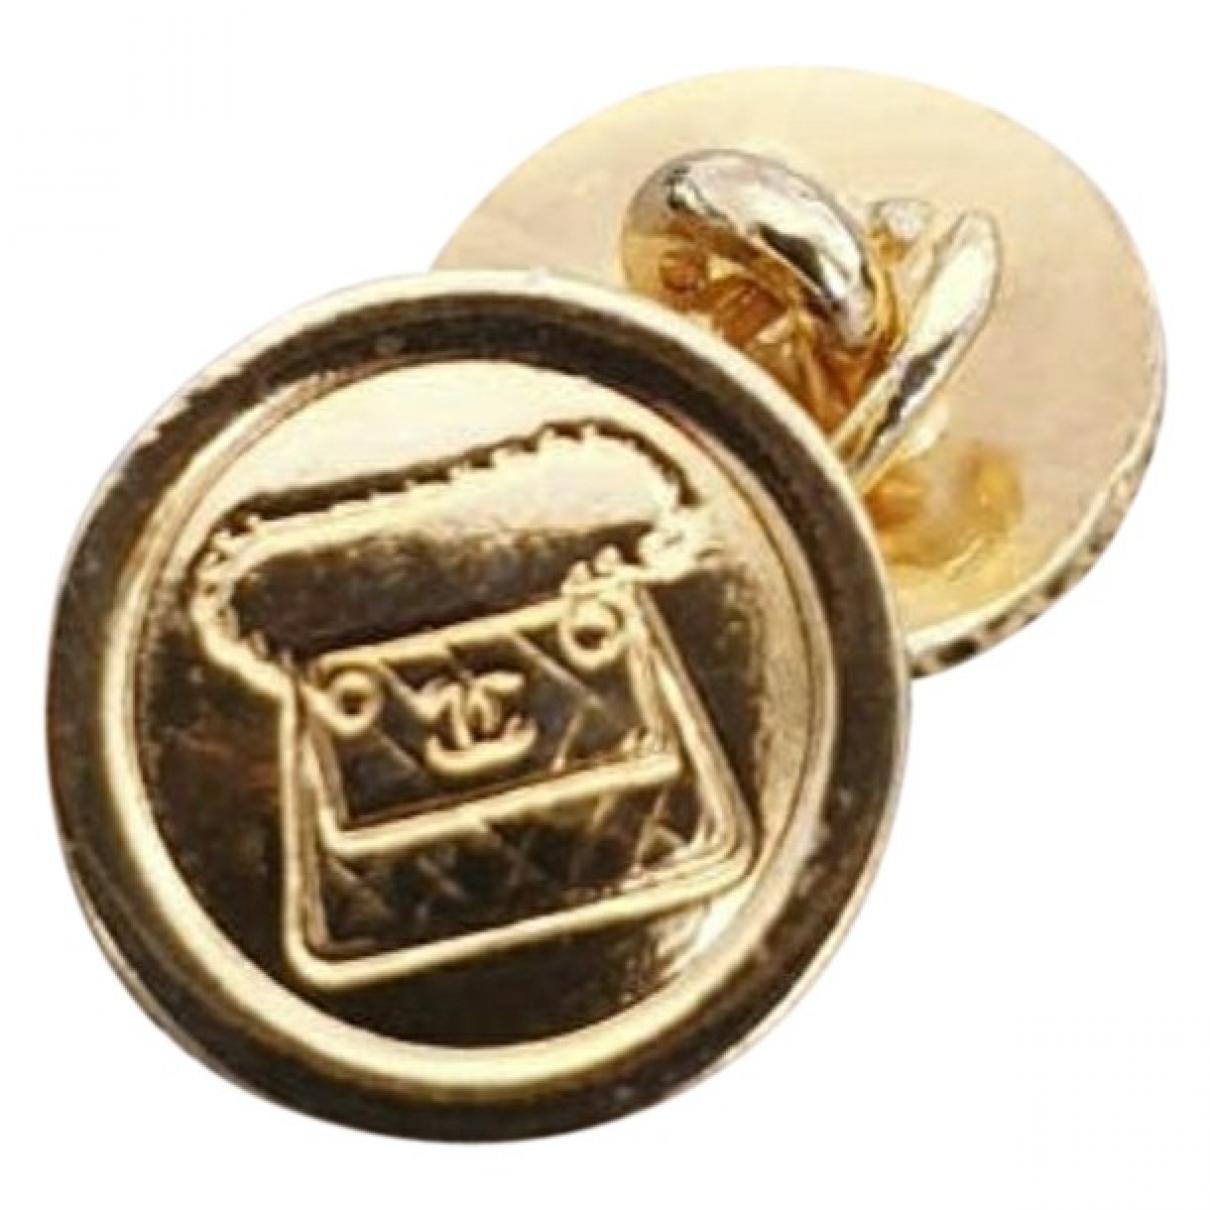 Chanel \N Kleinlederwaren Gold